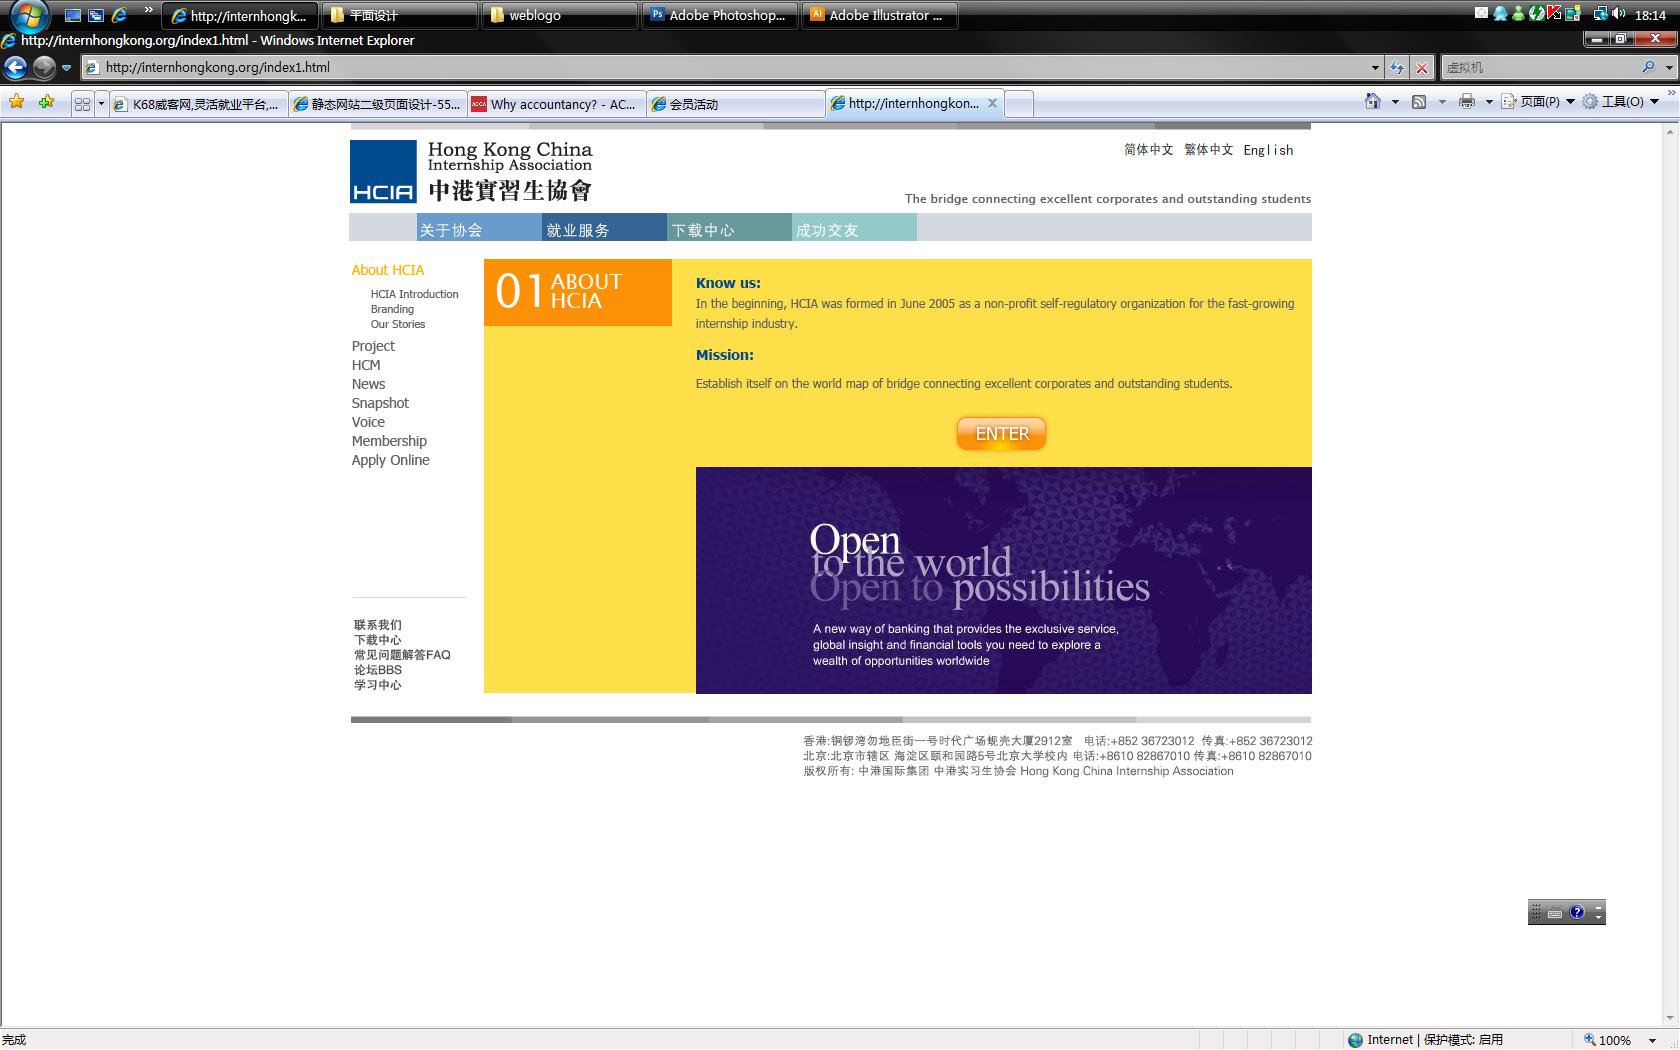 静态网站二级页面设计